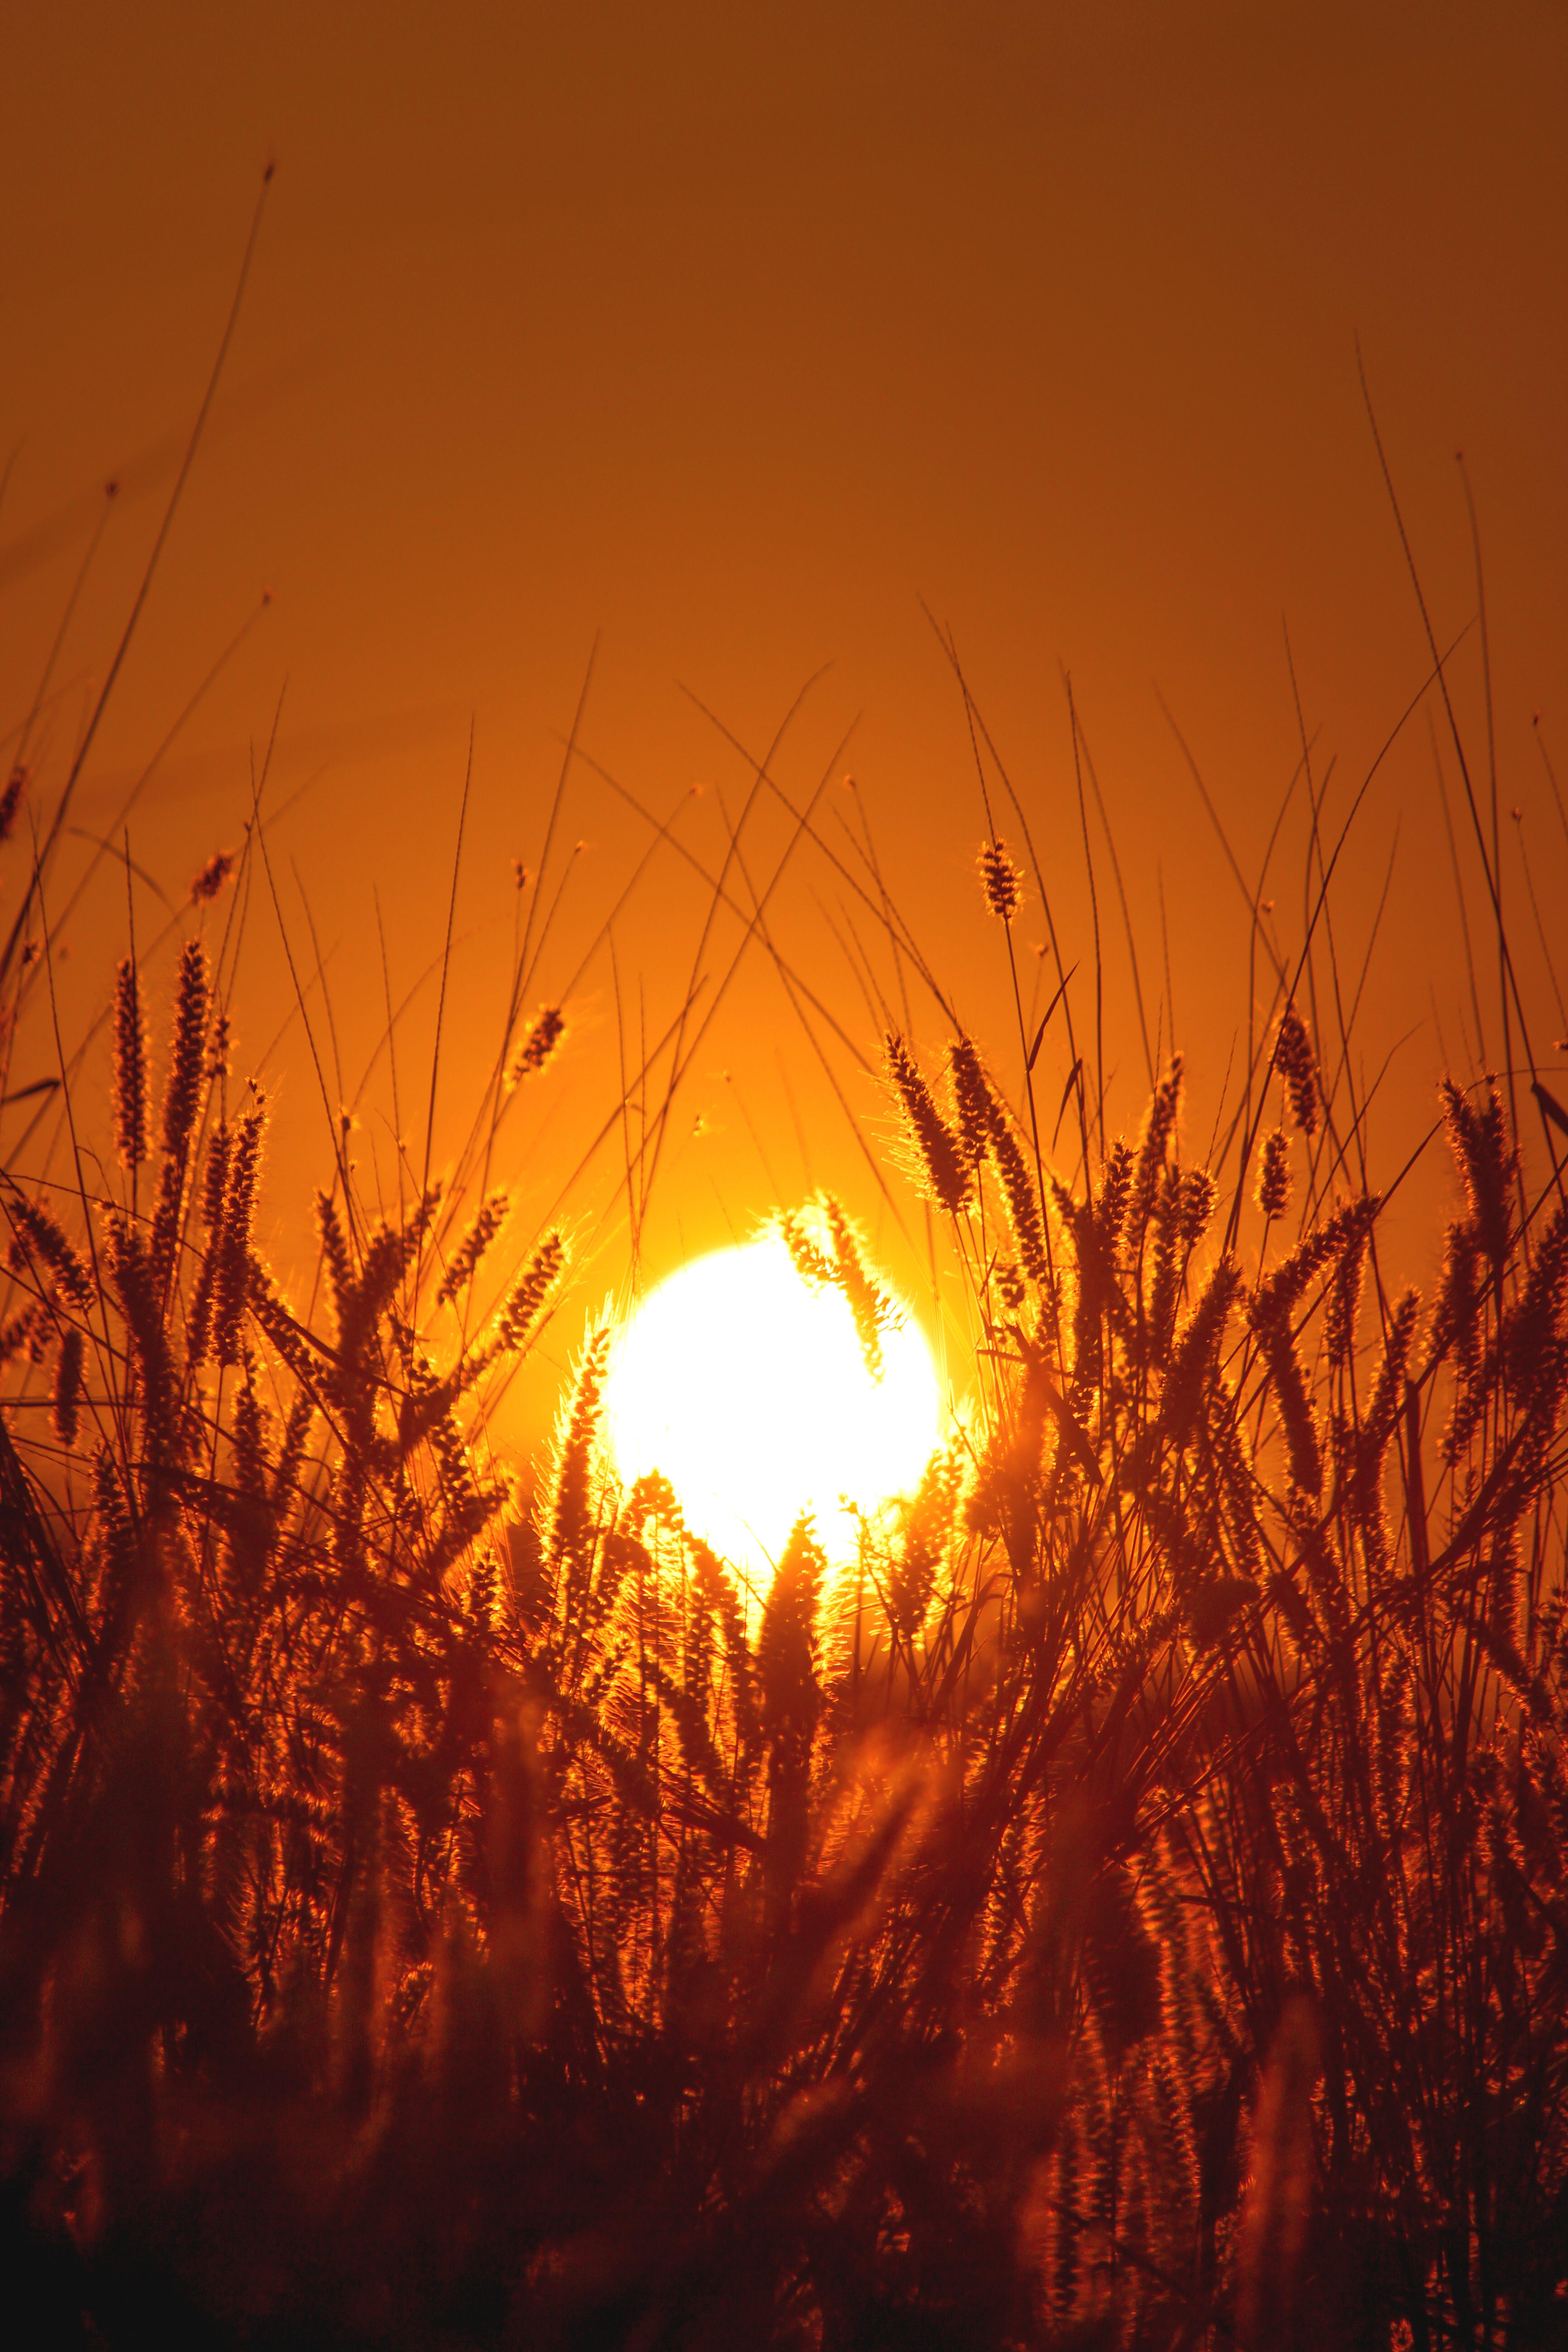 Ingyenes stockfotó Aranyló nap, aranyóra, aranysárga, barátian témában